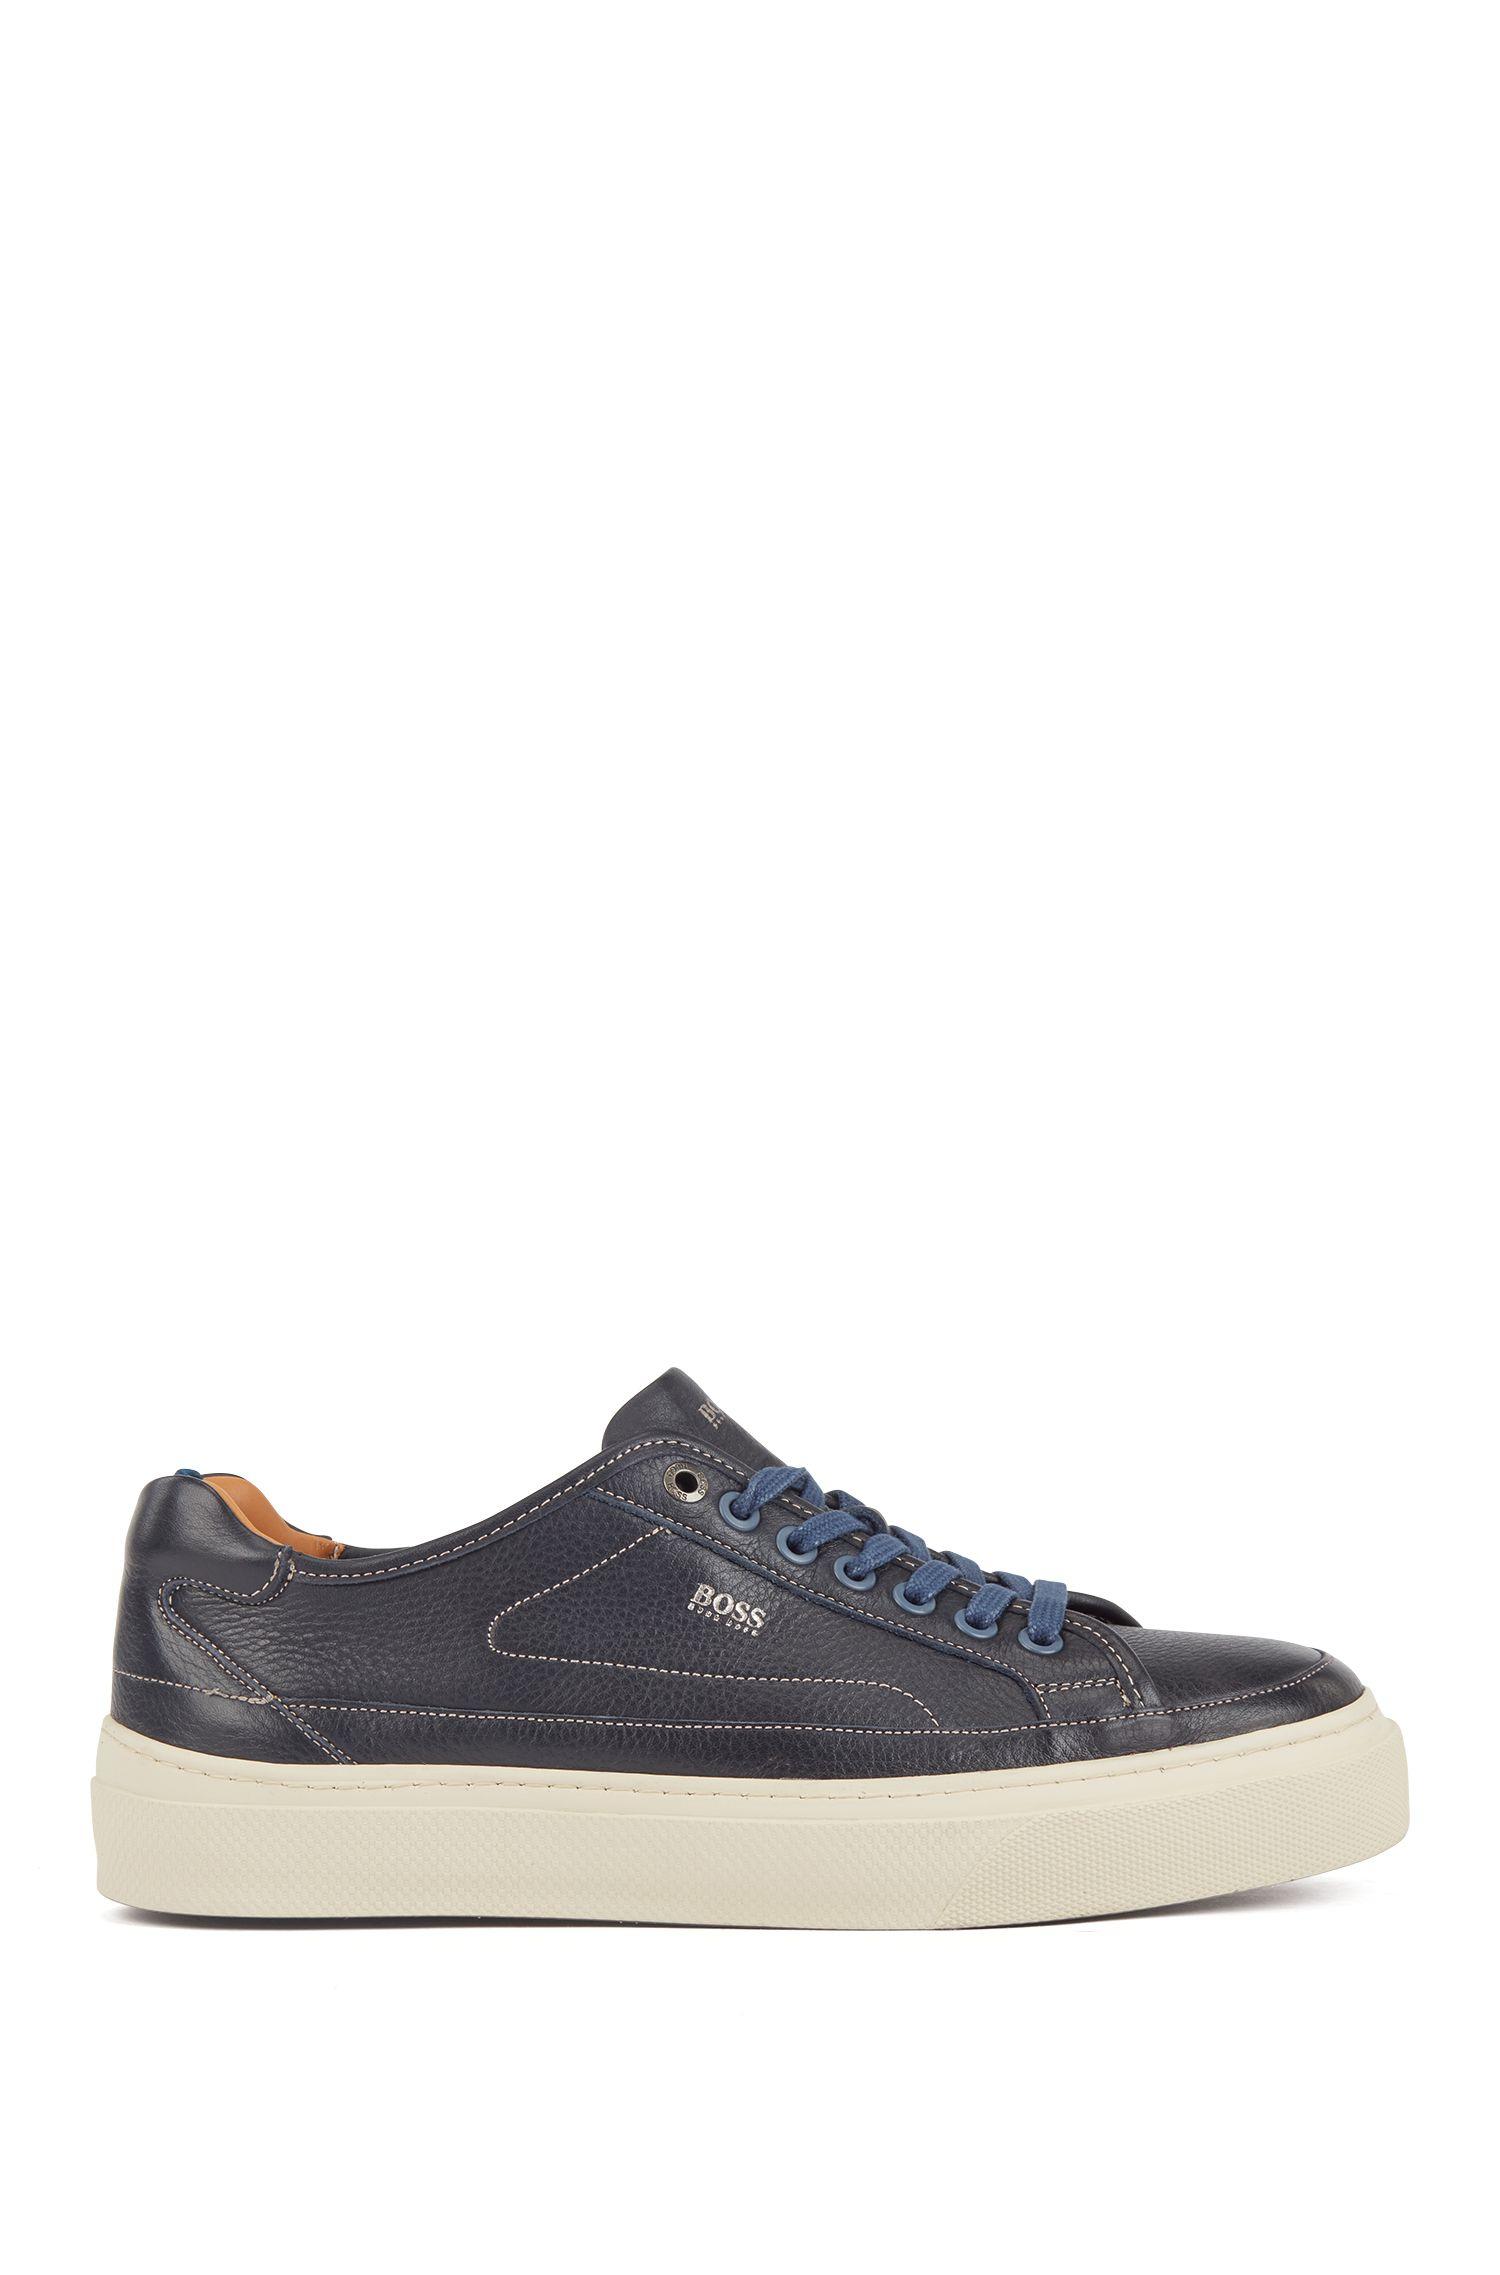 Baskets inspirées des chaussures de tennis en cuir de veau avec semelle extérieure monogrammée, Bleu foncé